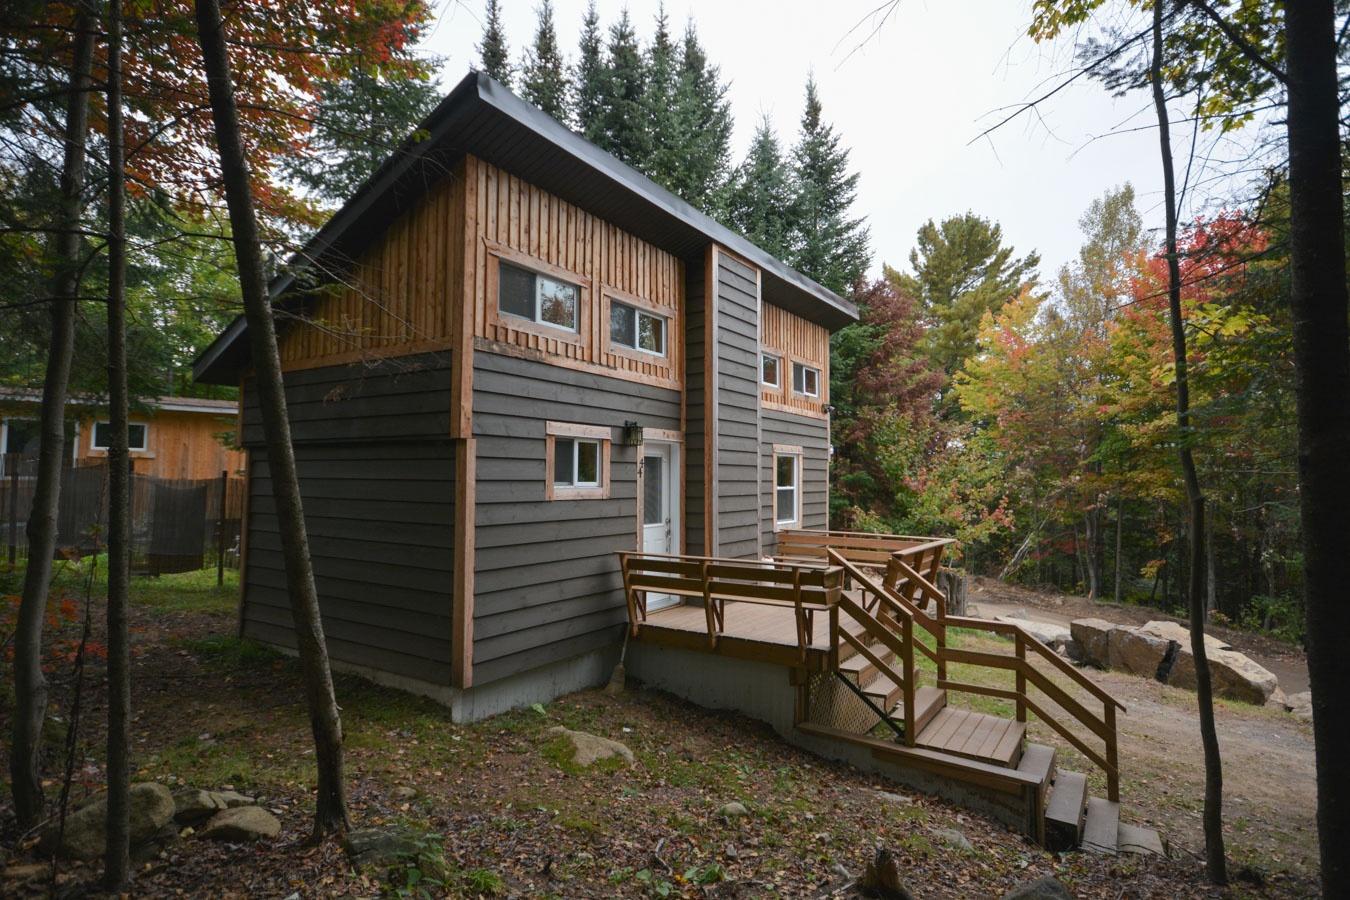 Une Chaleureuse Mini Maison Entierement Renovee A Val David Joli